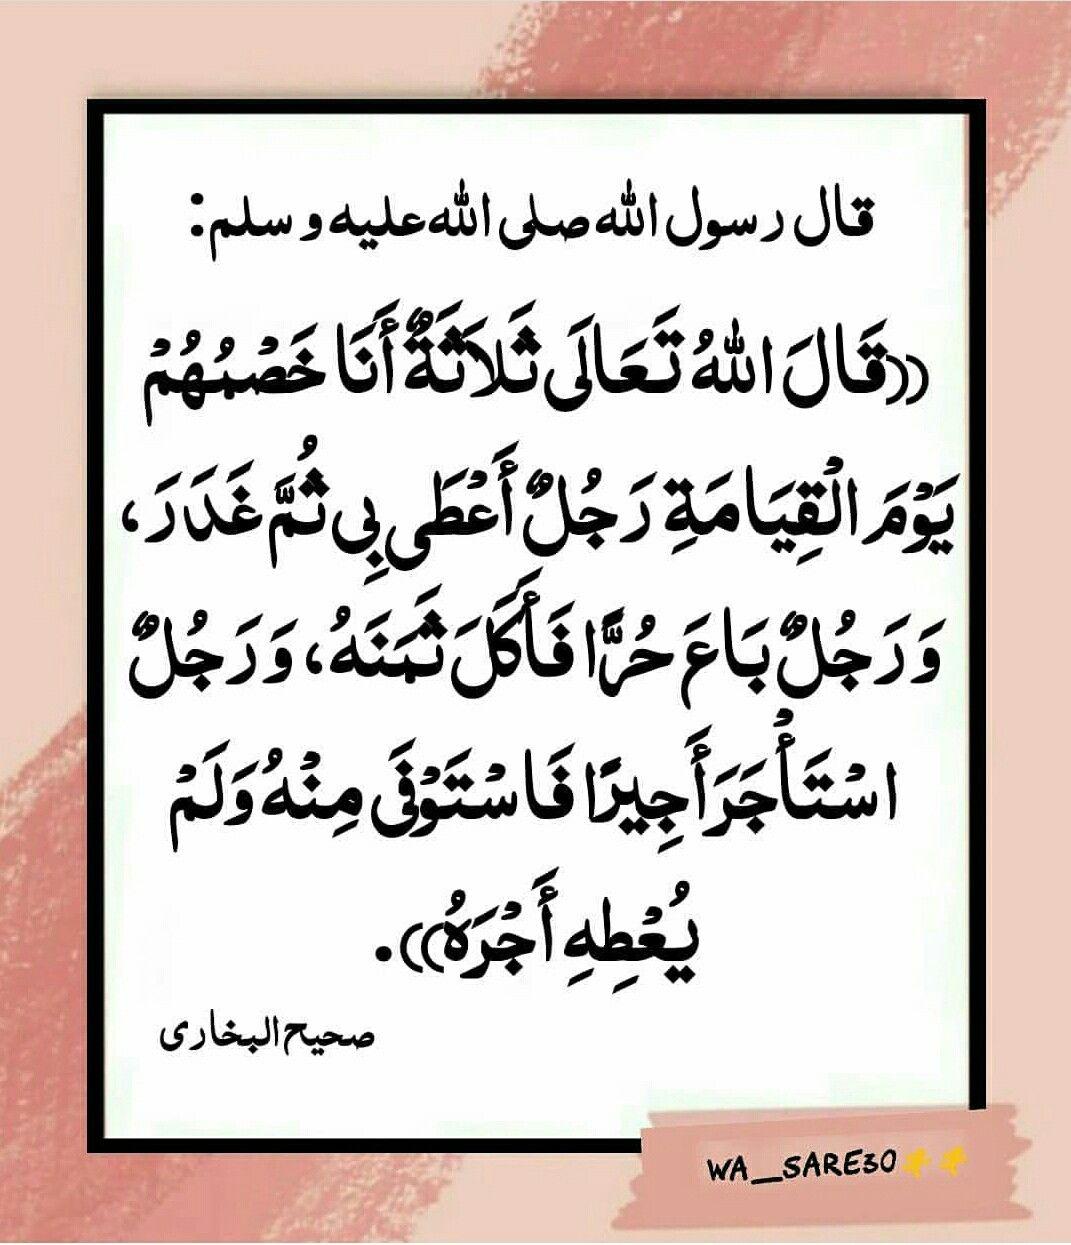 ثلاثة أنا خصمهم يوم القيامة Arabic Calligraphy Islam Calligraphy